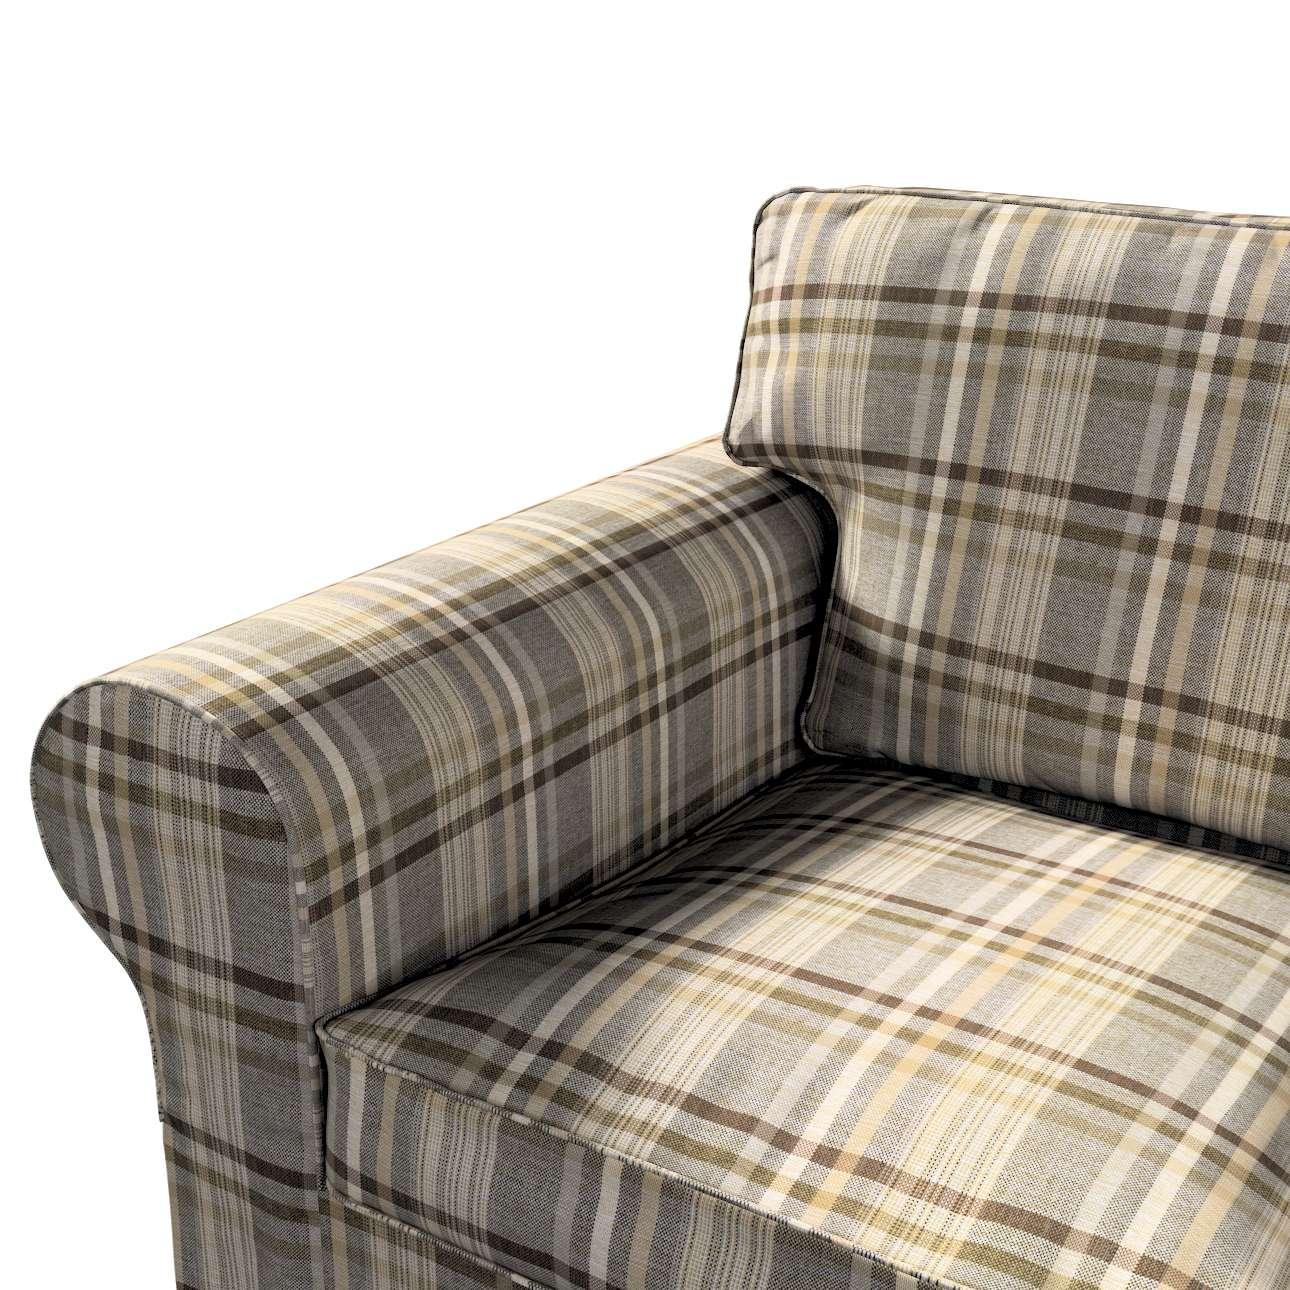 Pokrowiec na sofę Ektorp 2-osobową rozkładaną, model po 2012 w kolekcji Edinburgh, tkanina: 703-17